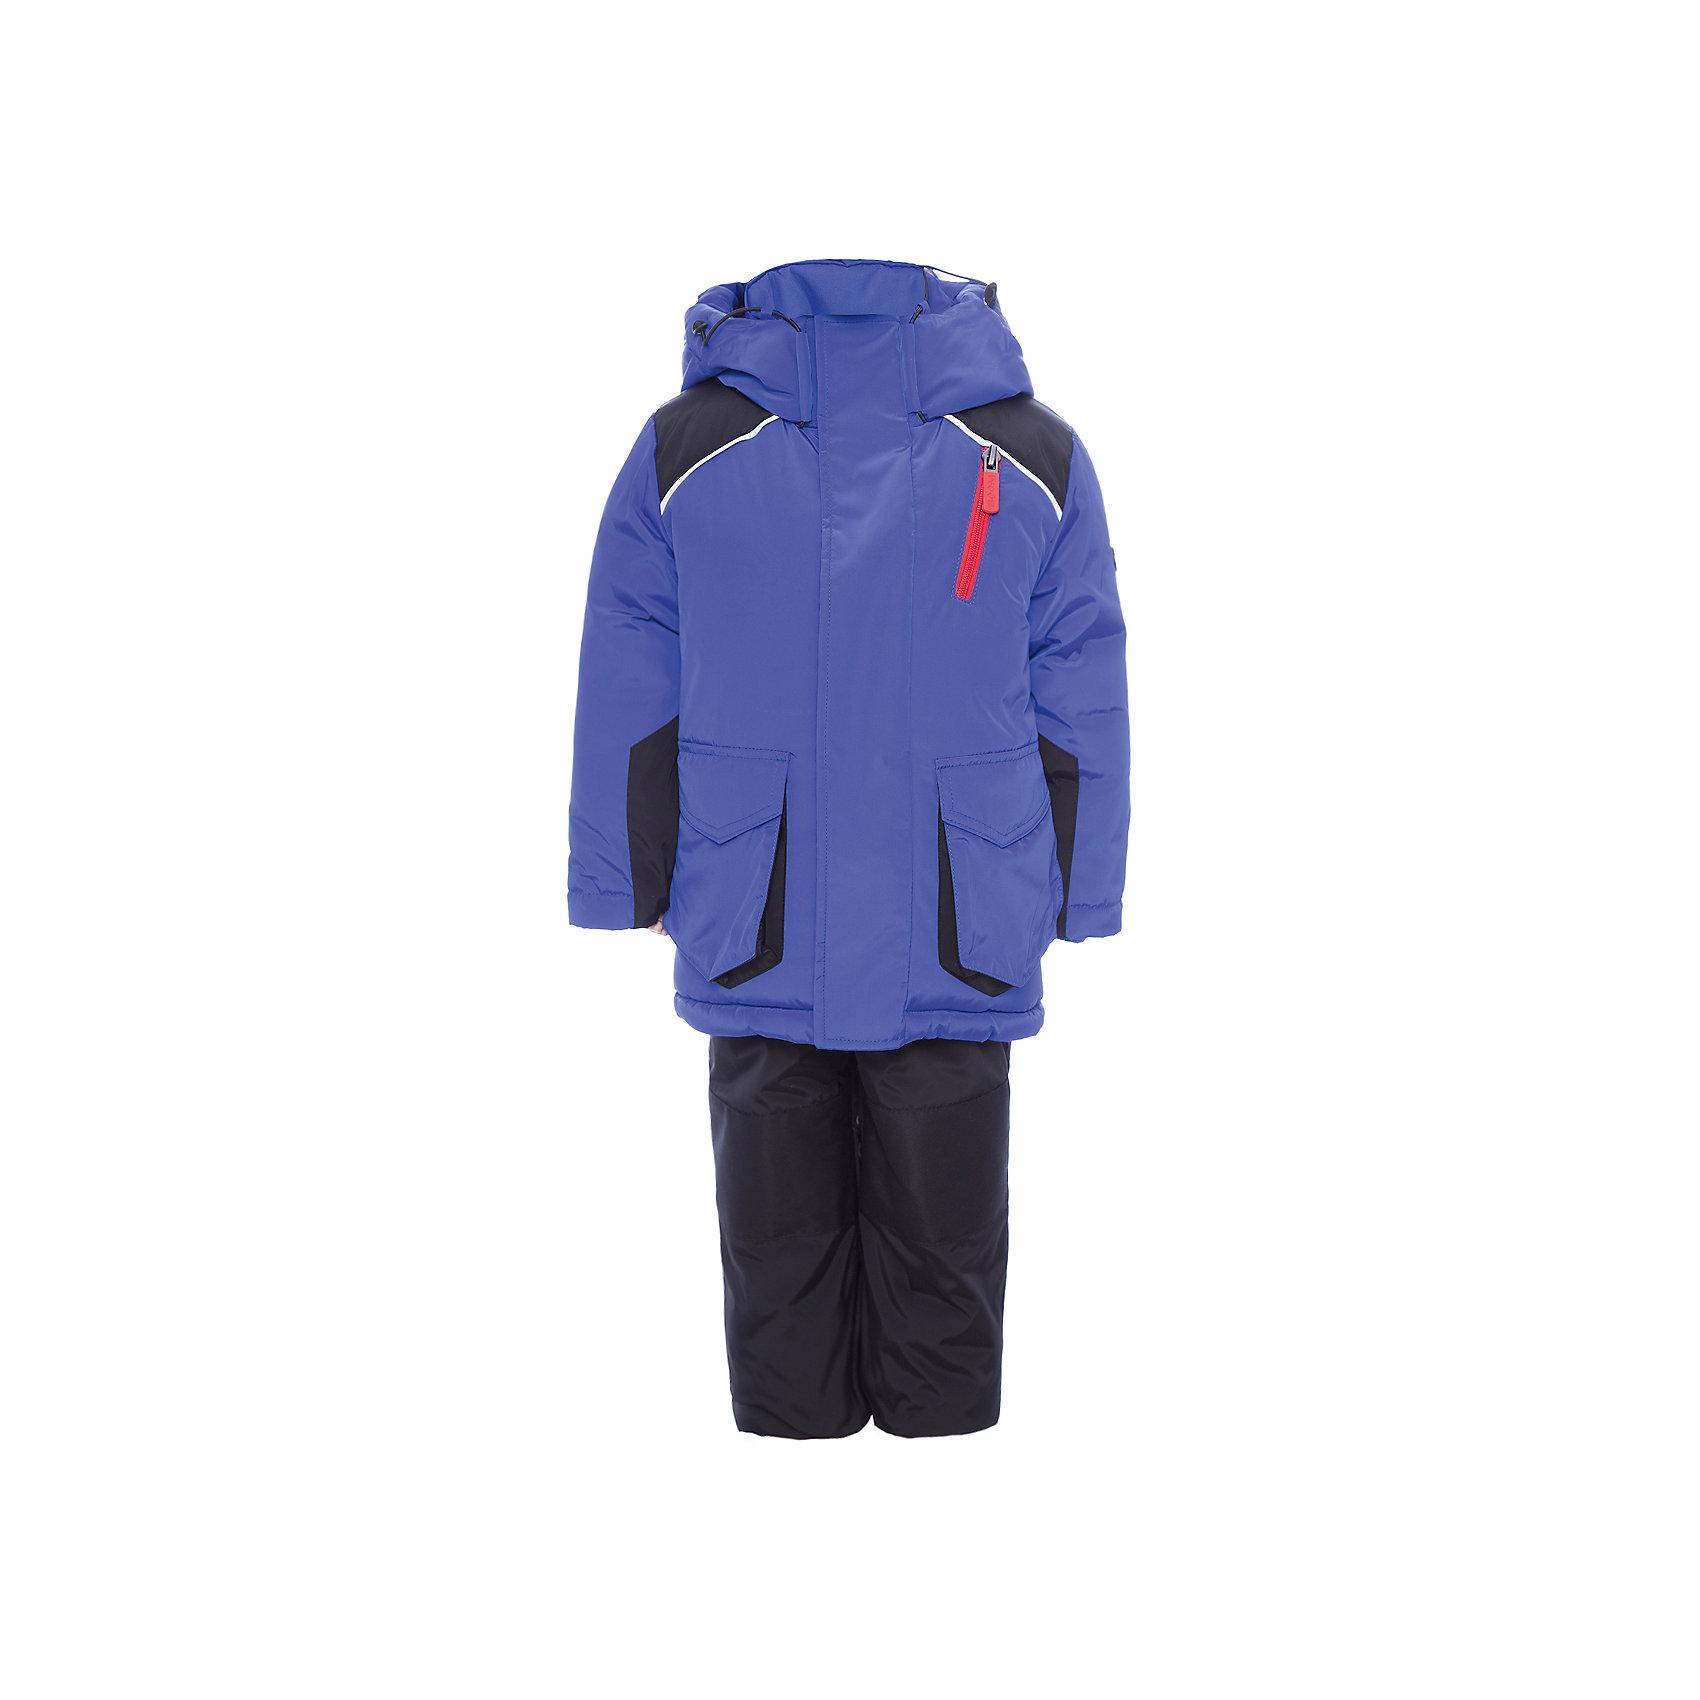 Комплект: куртка и полукомбинезон BOOM by Orby для мальчикаВерхняя одежда<br>Характеристики товара:<br><br>• цвет: синий<br>• комплектация: куртка, полукомбинезон <br>• состав ткани: твил pu milky<br>• подкладка: хлопок, флис, полиэстер пуходержащий<br>• утеплитель: Flexy Fiber, эко синтепон<br>• сезон: зима<br>• температурный режим: от -25 до -5<br>• плотность утеплителя: куртка - 400 г/м2, полукомбинезон - 200 г/м2<br>• капюшон: без меха<br>• застежка: молния<br>• страна бренда: Россия<br>• страна изготовитель: Россия<br><br>Такой зимний комплект для детей поможет обеспечить ребенку комфортный уровень утепления. Детский теплый комплект выполнен в практичной расцветке. Комплект для мальчика дополнен удобным капюшоном, планкой от ветра и карманами. Этот зимний детский комплект создан специально для мальчиков. <br><br>Комплект: куртка и полукомбинезон для мальчика BOOM by Orby (Бум бай Орби) можно купить в нашем интернет-магазине.<br><br>Ширина мм: 356<br>Глубина мм: 10<br>Высота мм: 245<br>Вес г: 519<br>Цвет: синий<br>Возраст от месяцев: 72<br>Возраст до месяцев: 84<br>Пол: Мужской<br>Возраст: Детский<br>Размер: 122,86,92,98,104,110,116<br>SKU: 7090684